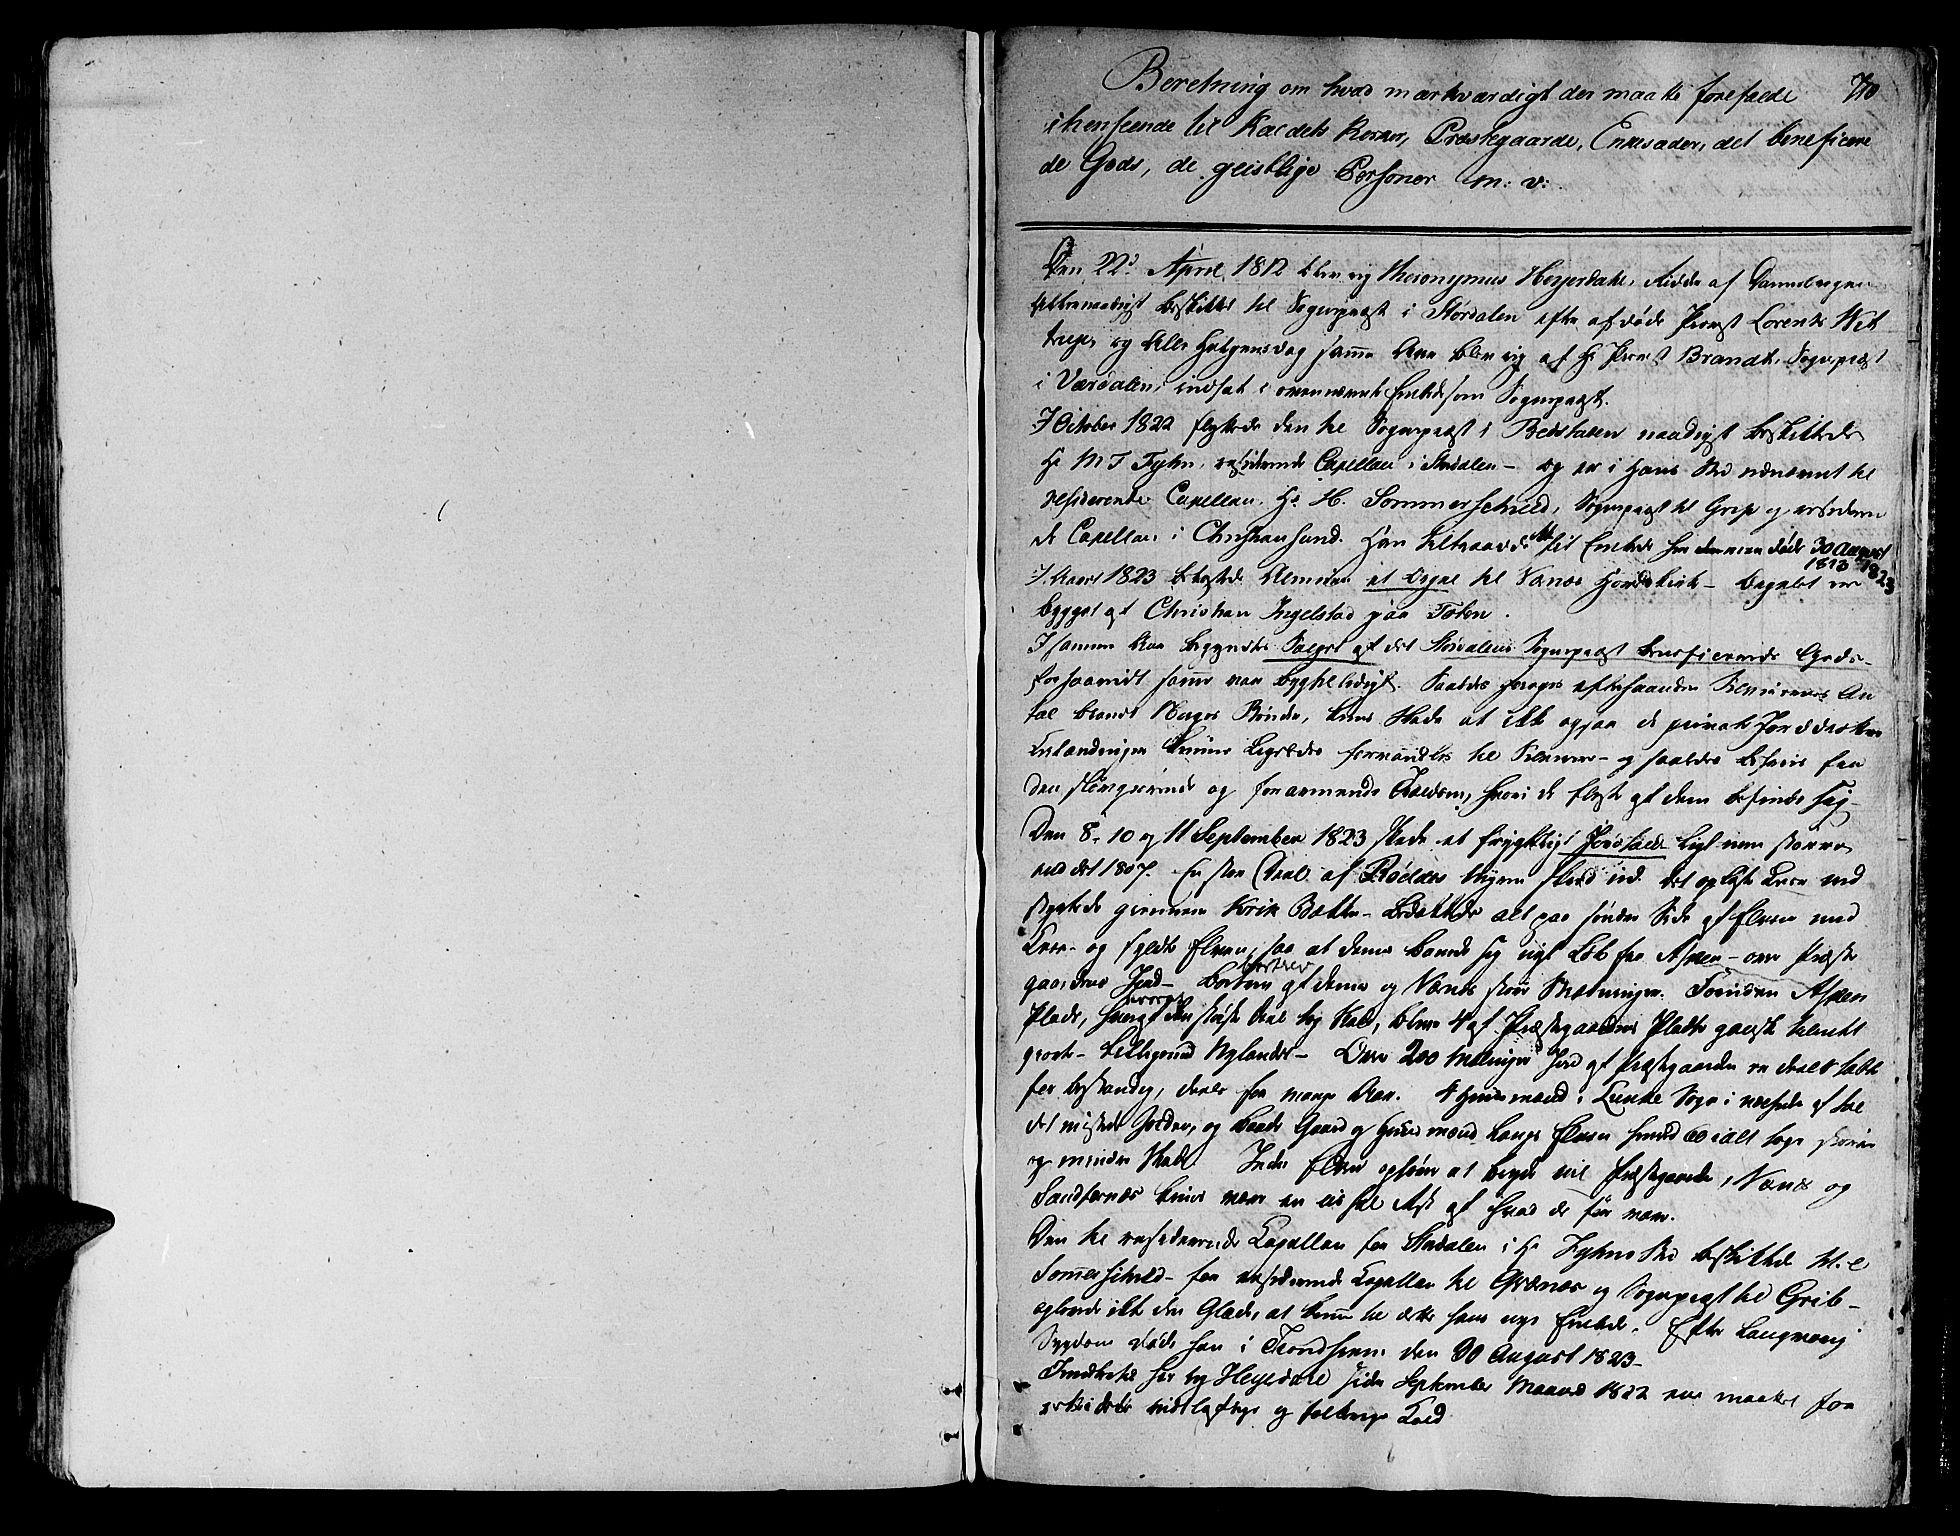 SAT, Ministerialprotokoller, klokkerbøker og fødselsregistre - Nord-Trøndelag, 709/L0070: Ministerialbok nr. 709A10, 1820-1832, s. 710